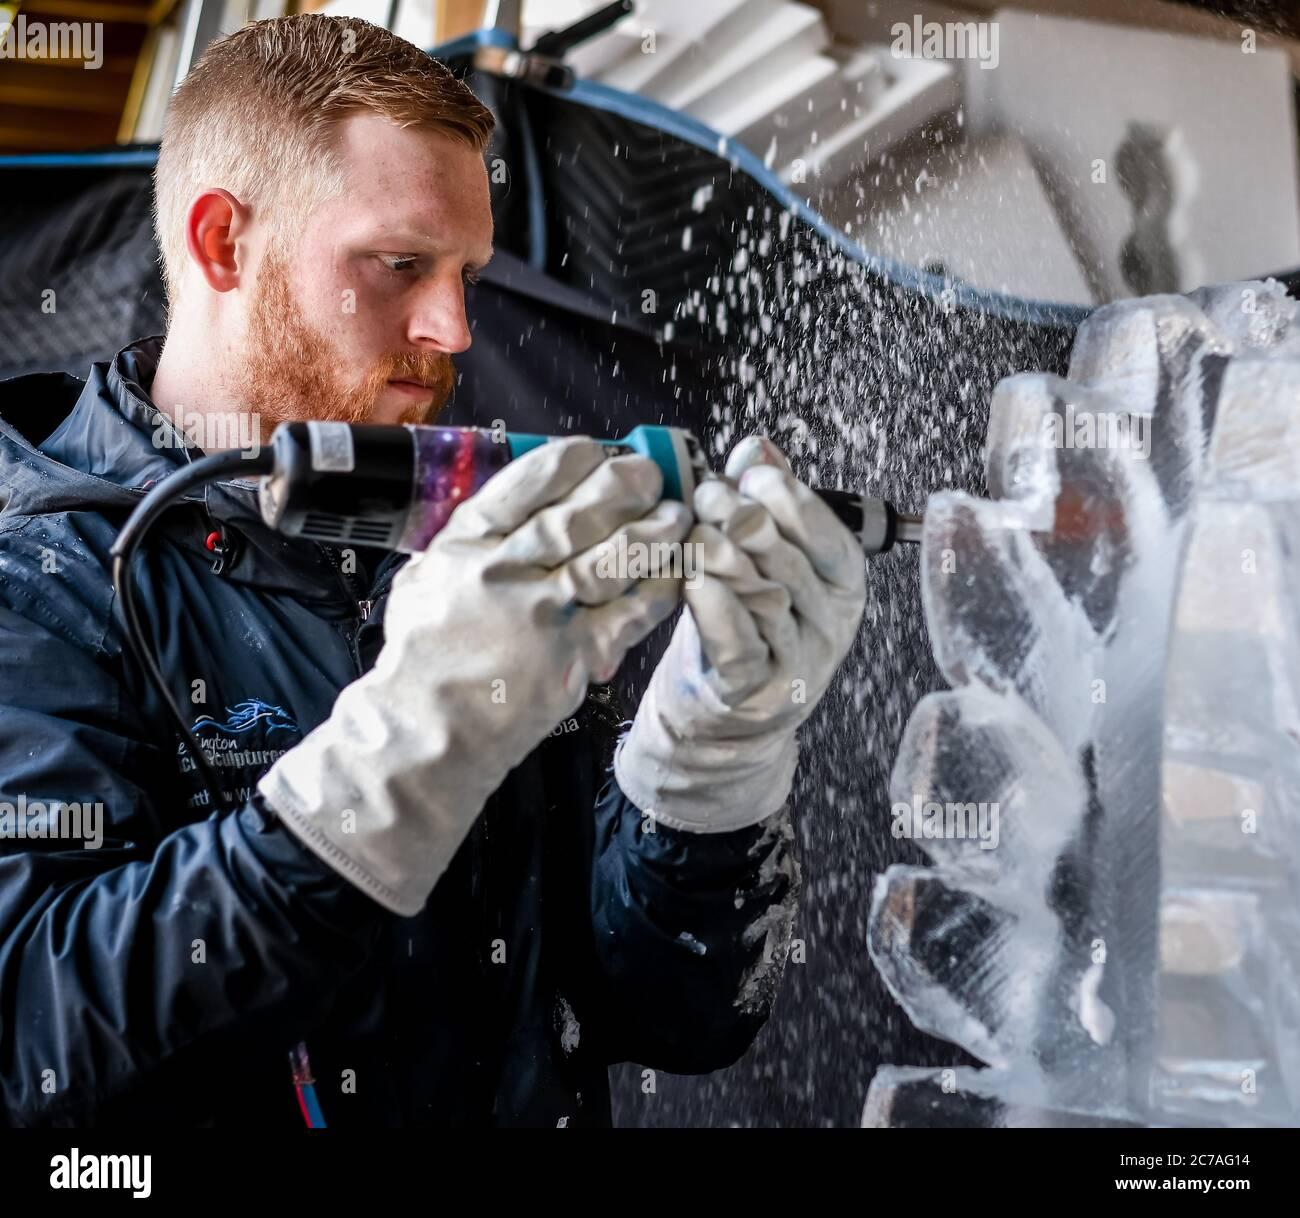 Ice Carver esculpir bloque de hielo con dremel de energía eléctrica Foto de stock